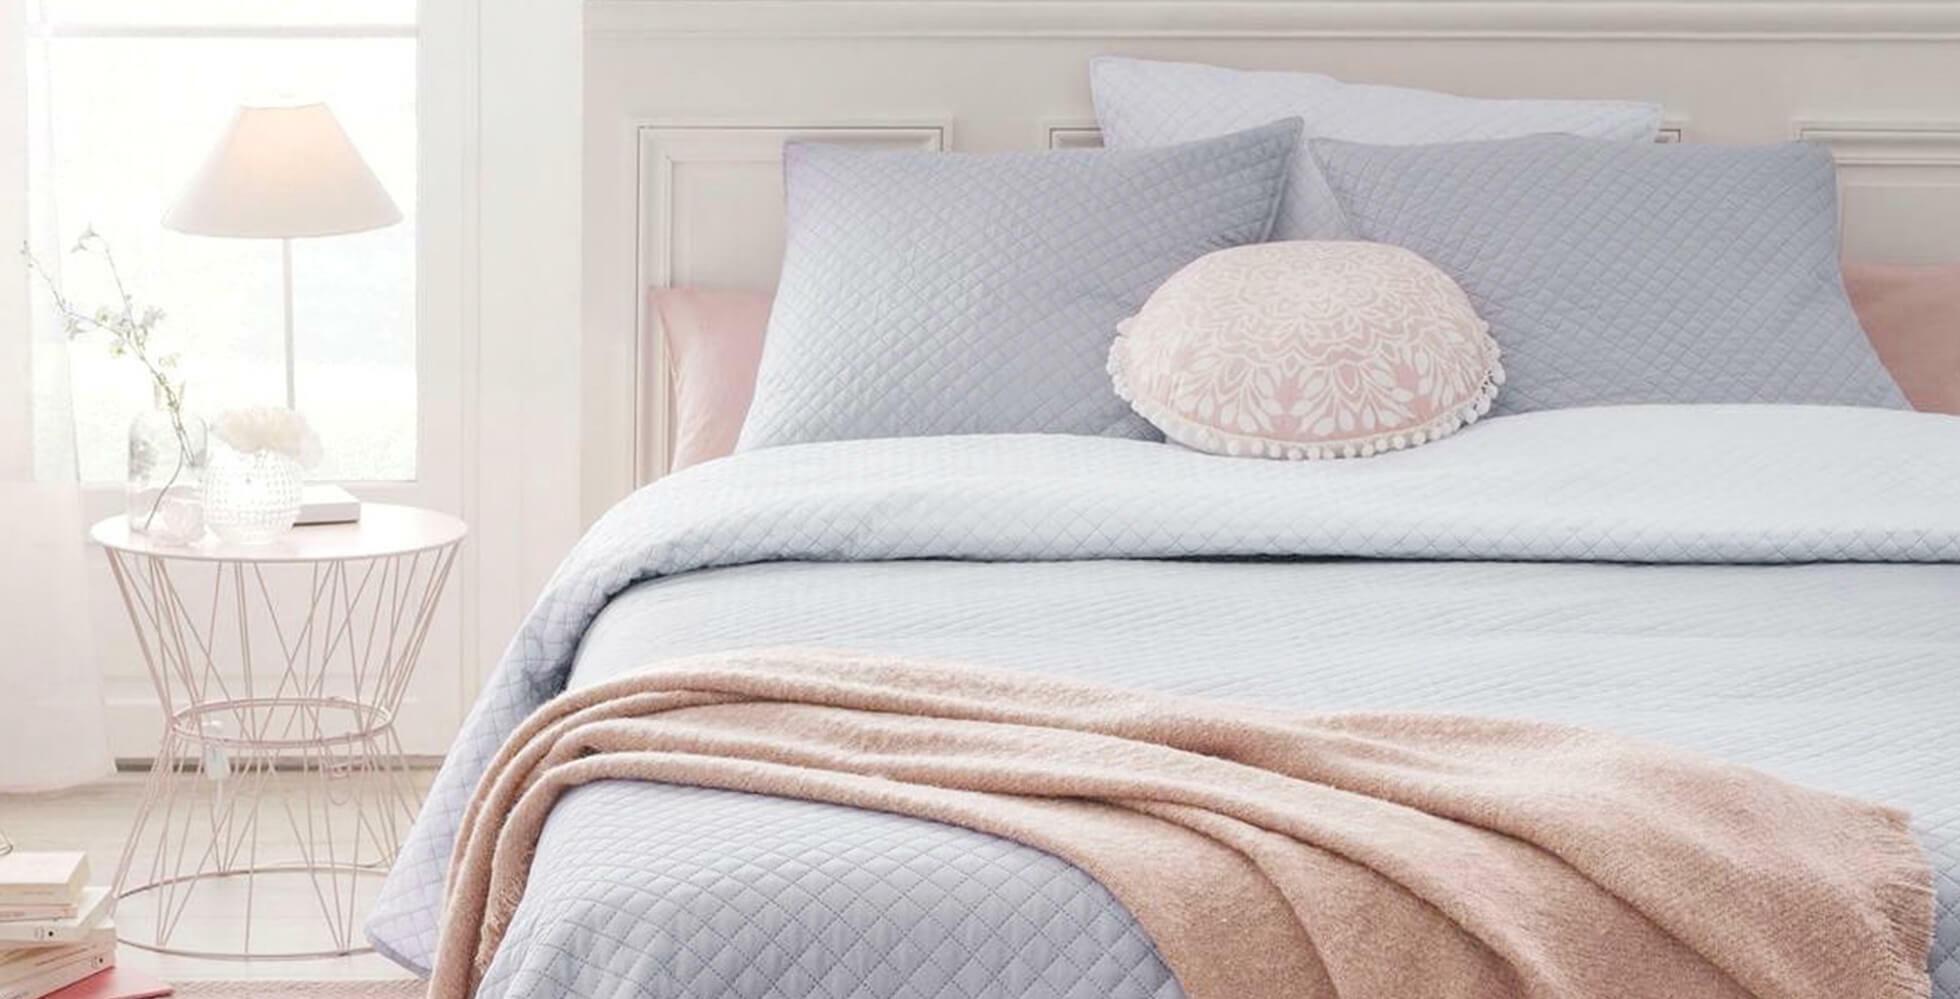 decoración de dormitorio con ropa de cama azul